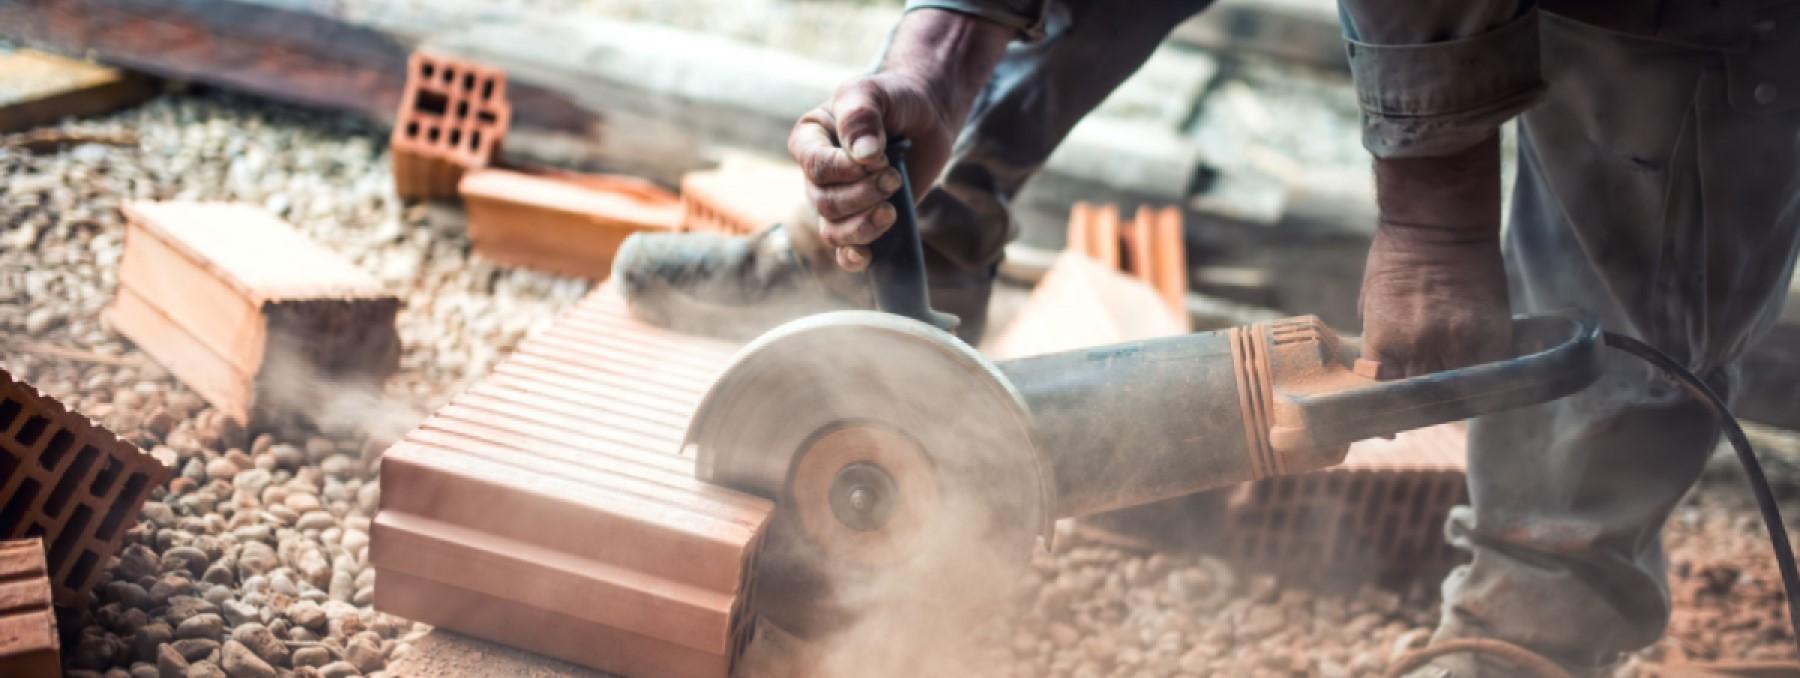 Brandwache für Baustellen & Industrieanlagen